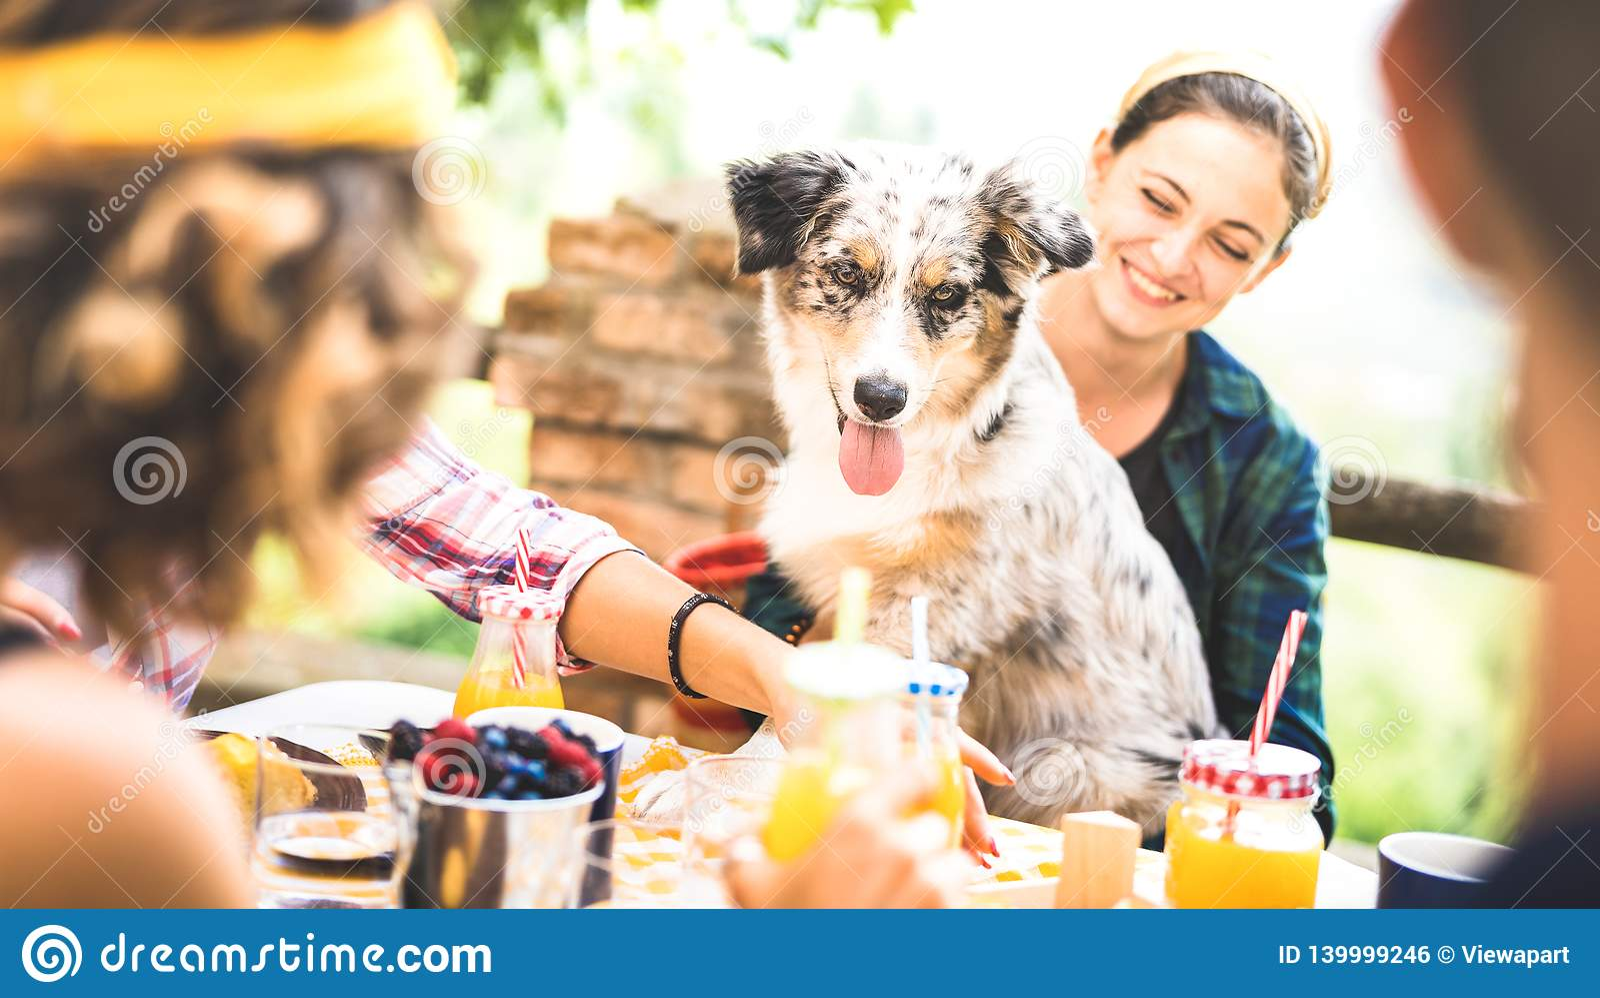 愉快的朋友吃健康pic nic早餐在乡下与获得逗人喜爱的狗的农厂家的年轻人millennials乐趣